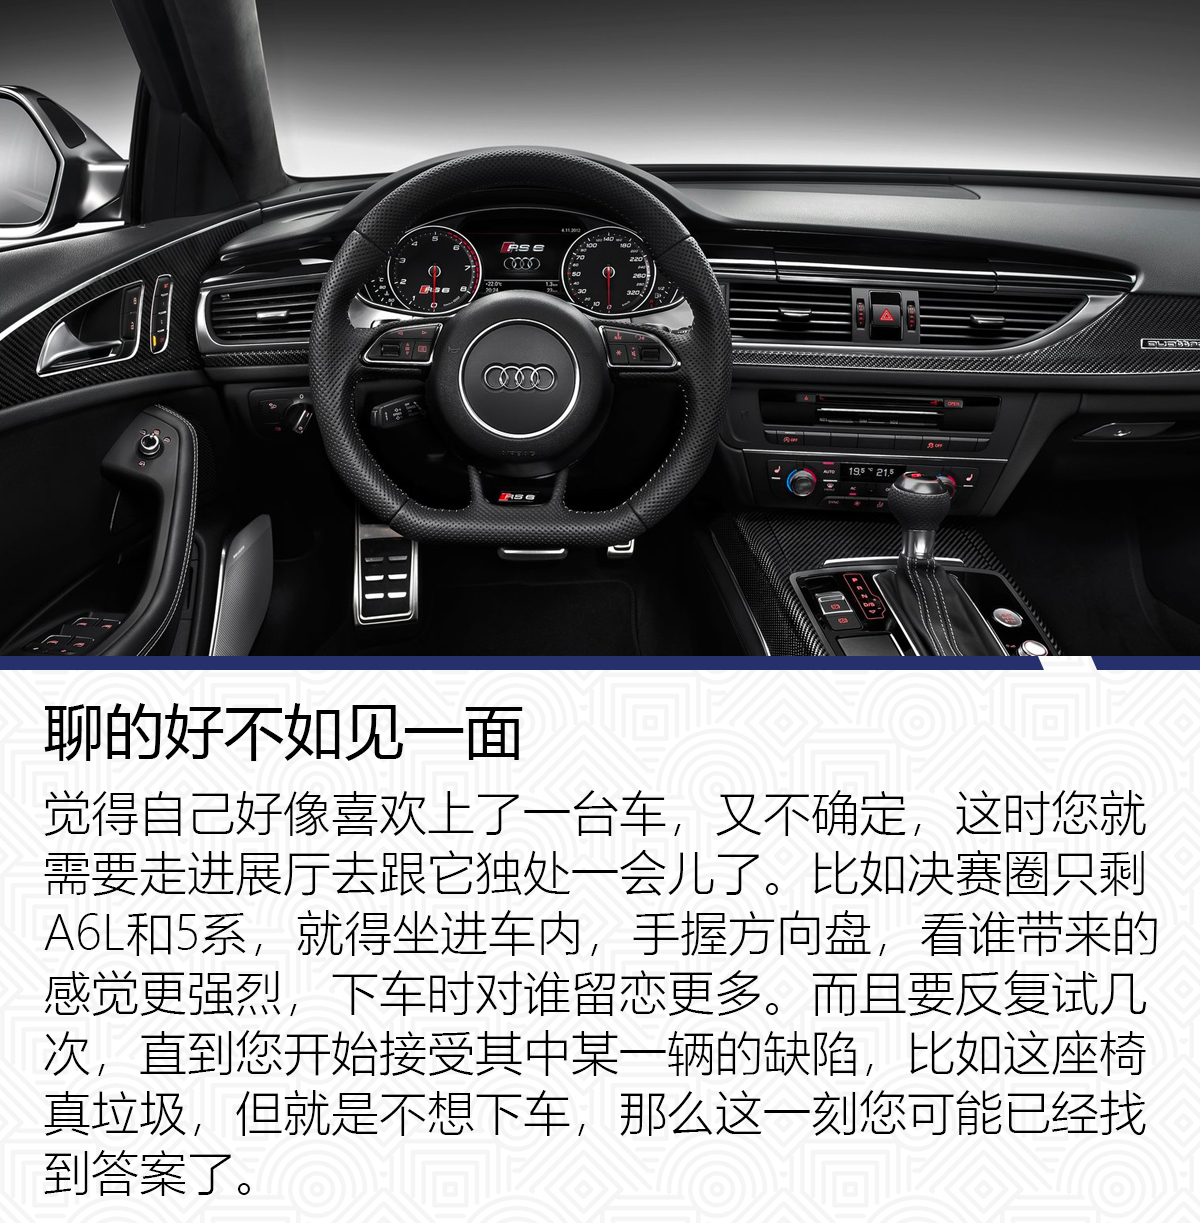 北京市疾控发布上班上学前健康指南 要随身携带口罩